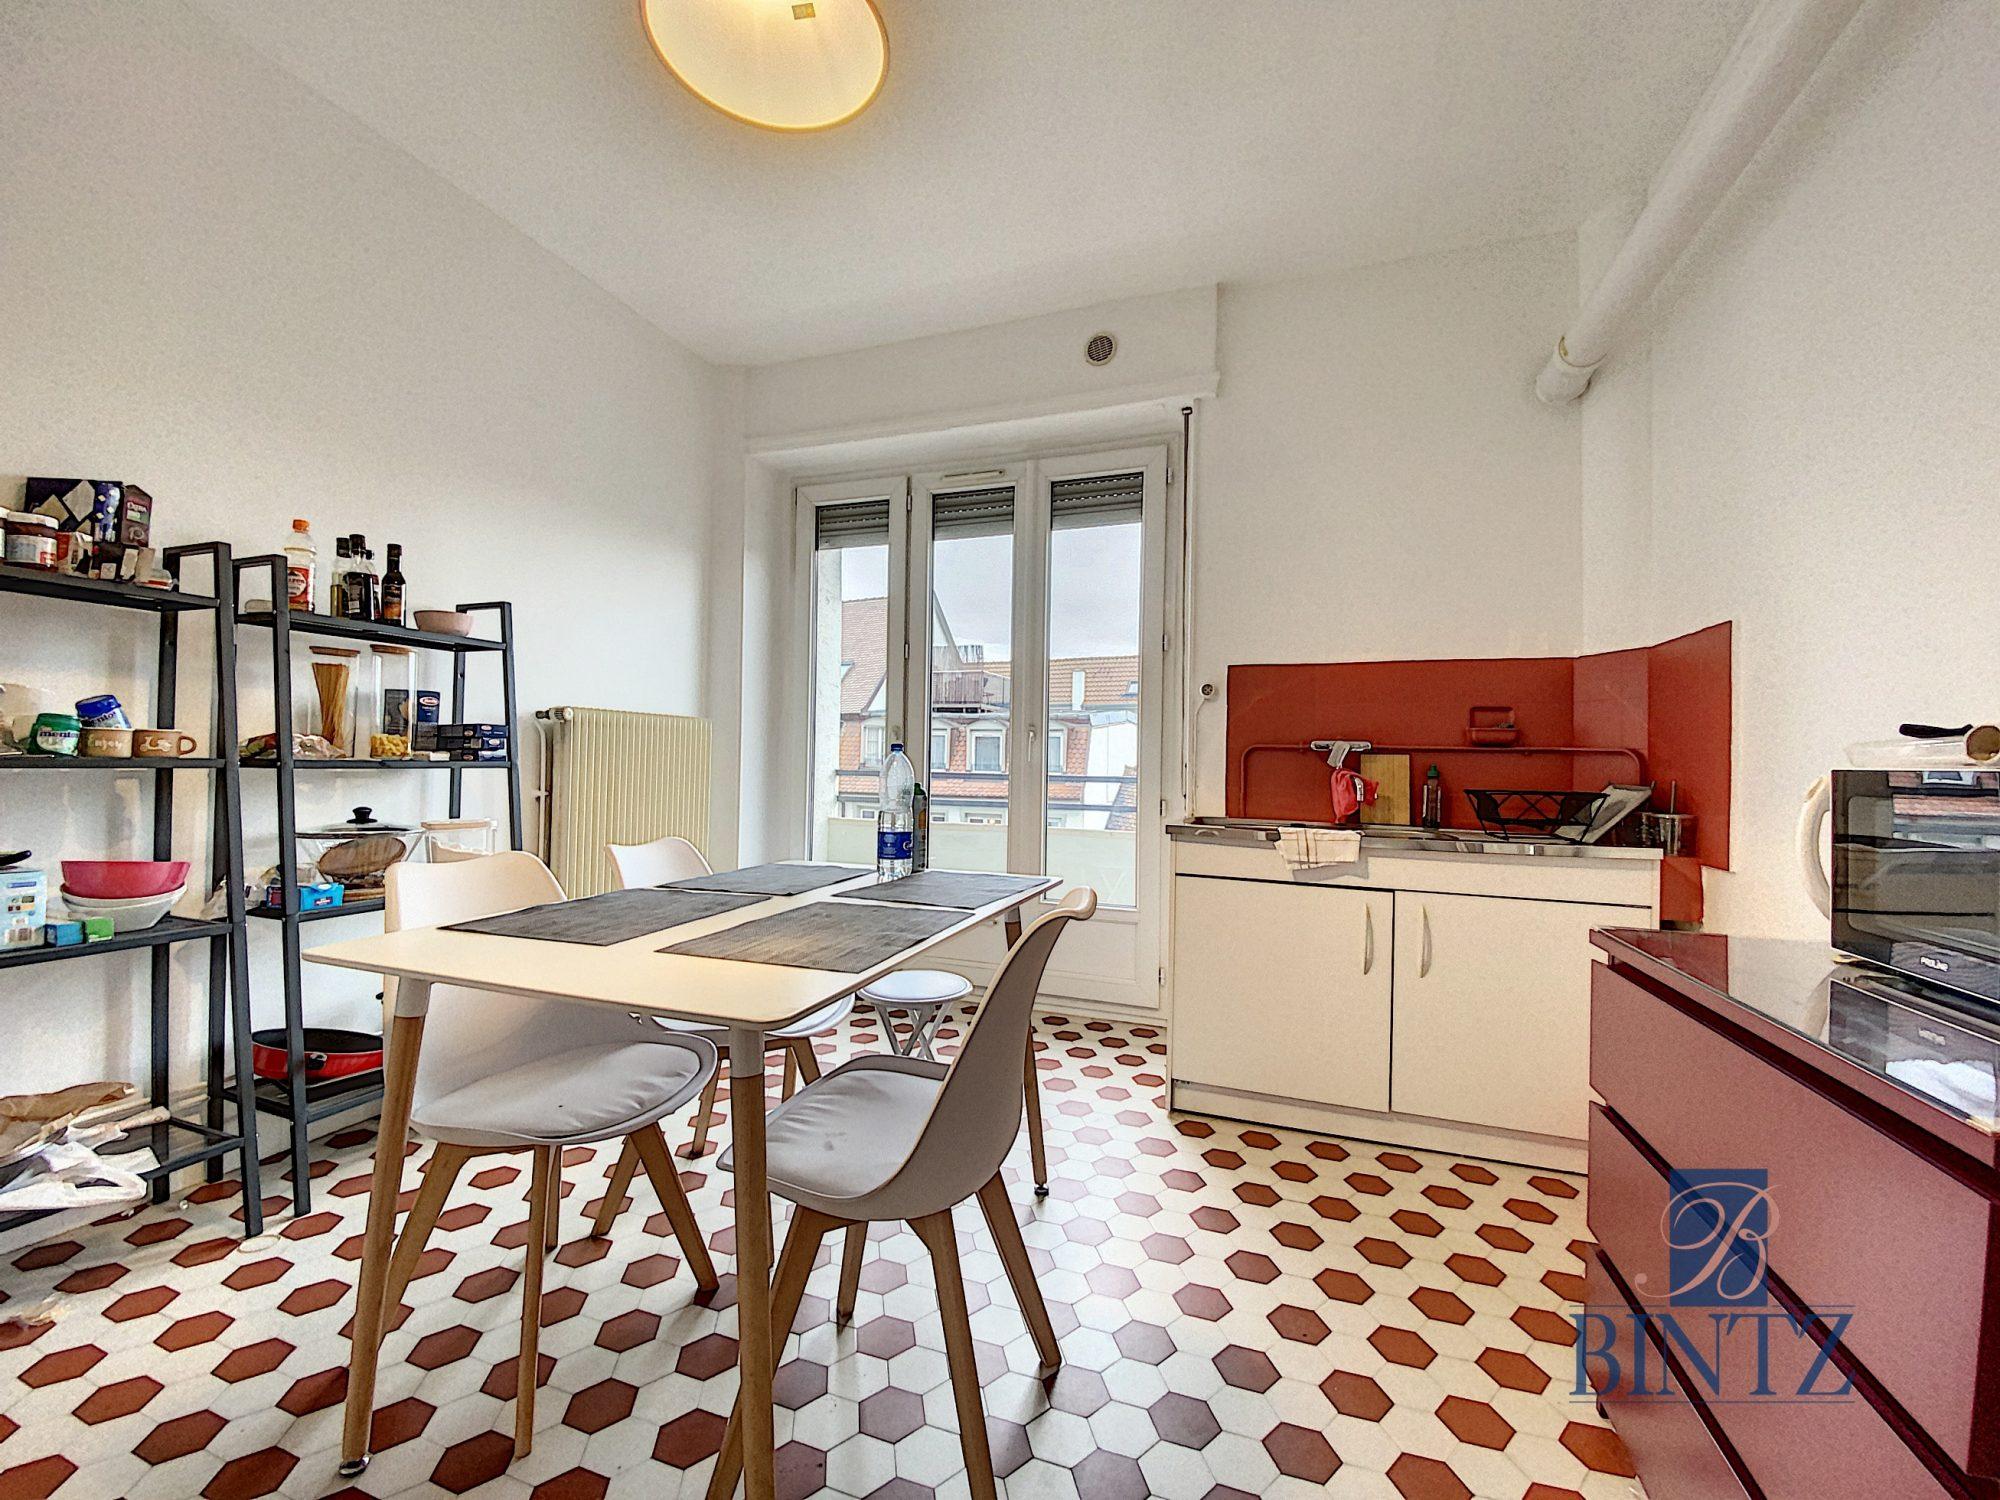 GRAND 1 PIÈCE KRUTENEAU - Devenez locataire en toute sérénité - Bintz Immobilier - 3